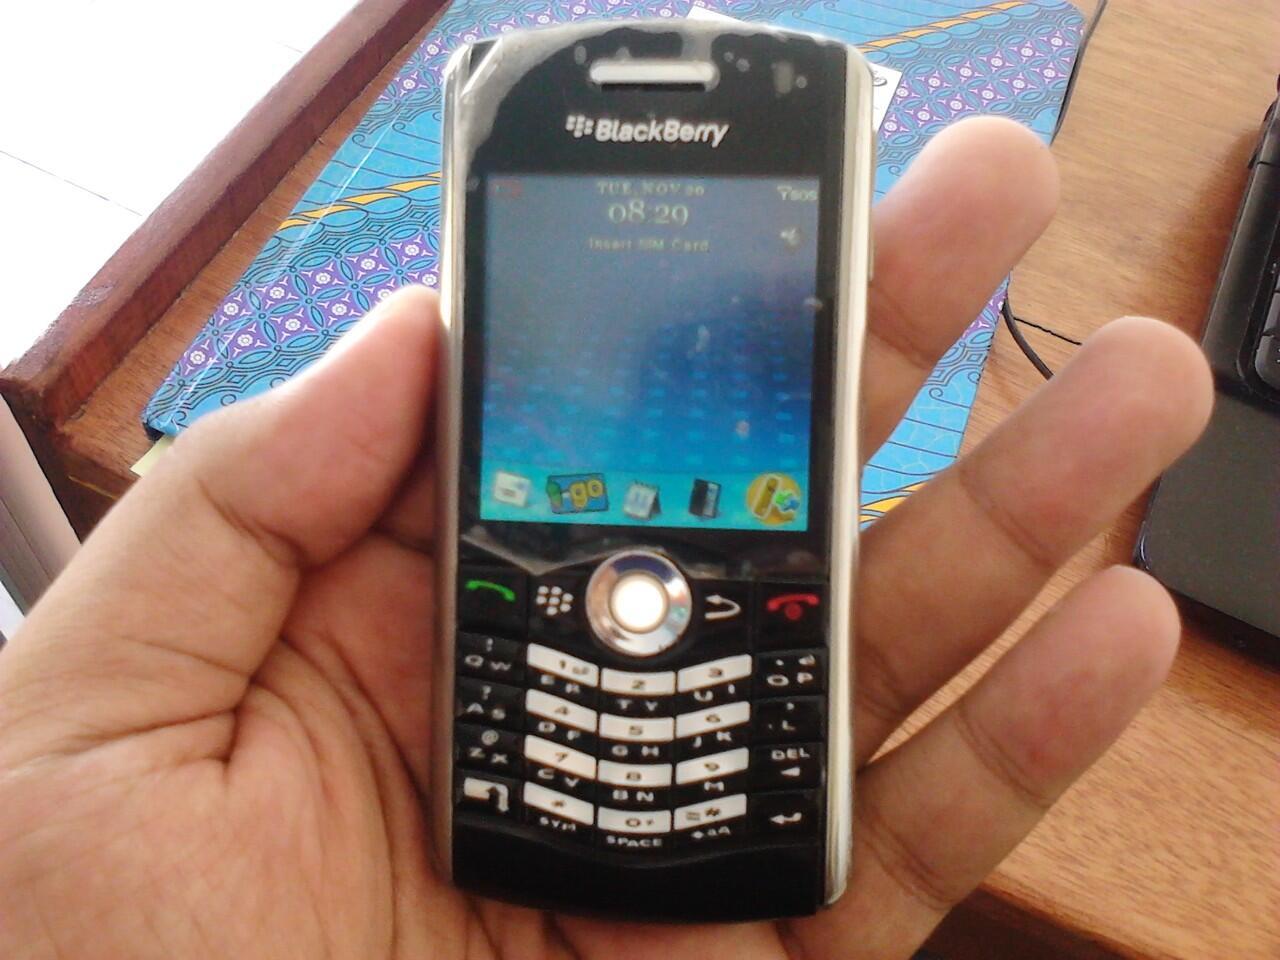 JUAL BB 8120 GSM MURAH BARU 1 BULAN BELI